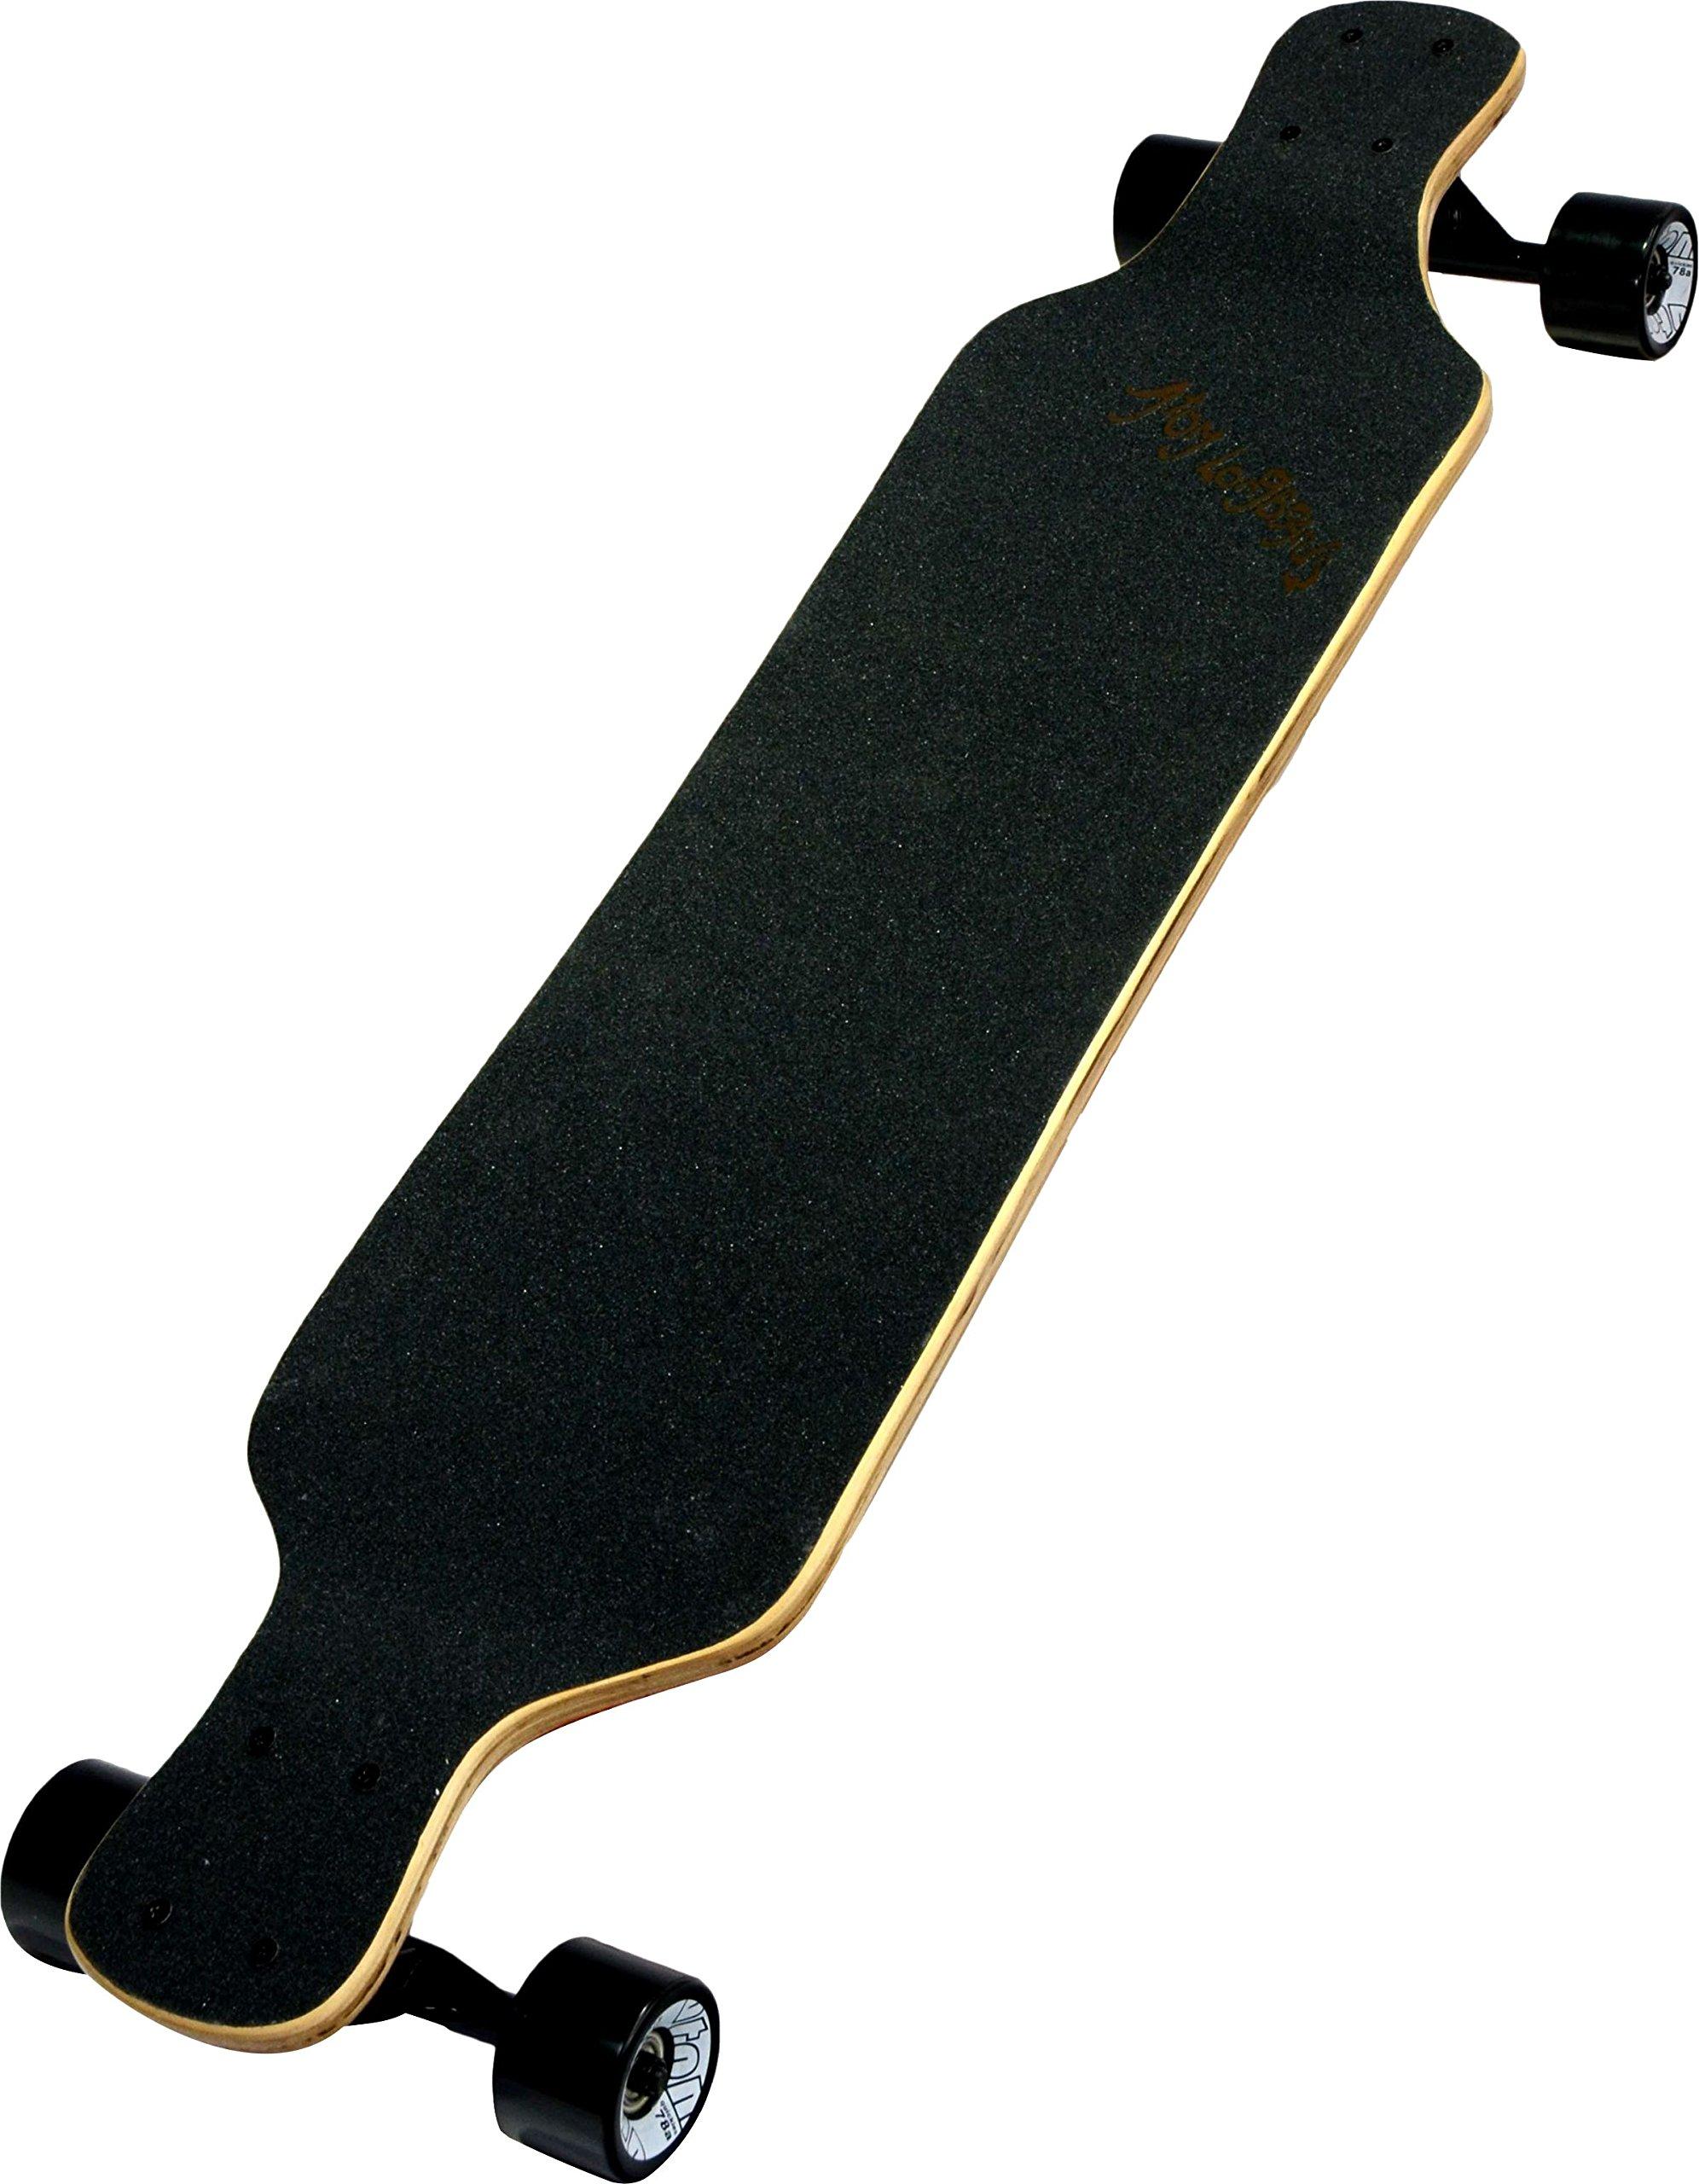 Atom Longboards Atom Drop Deck Longboard - 39'', Octopus by Atom Longboards (Image #3)